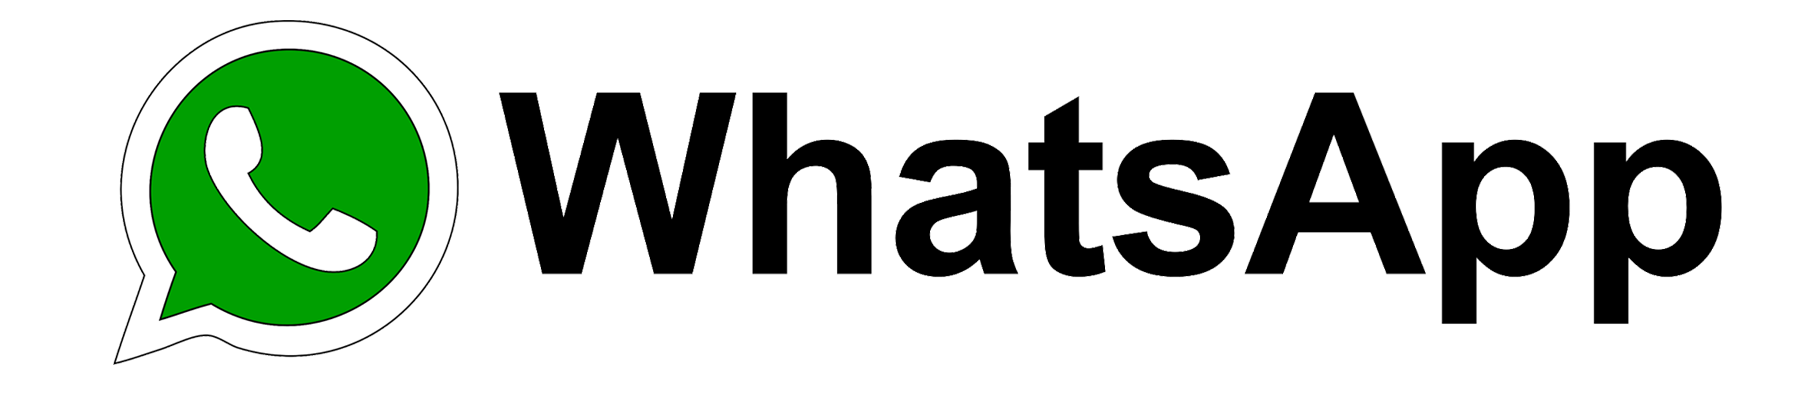 icono-de-whatsapp-png